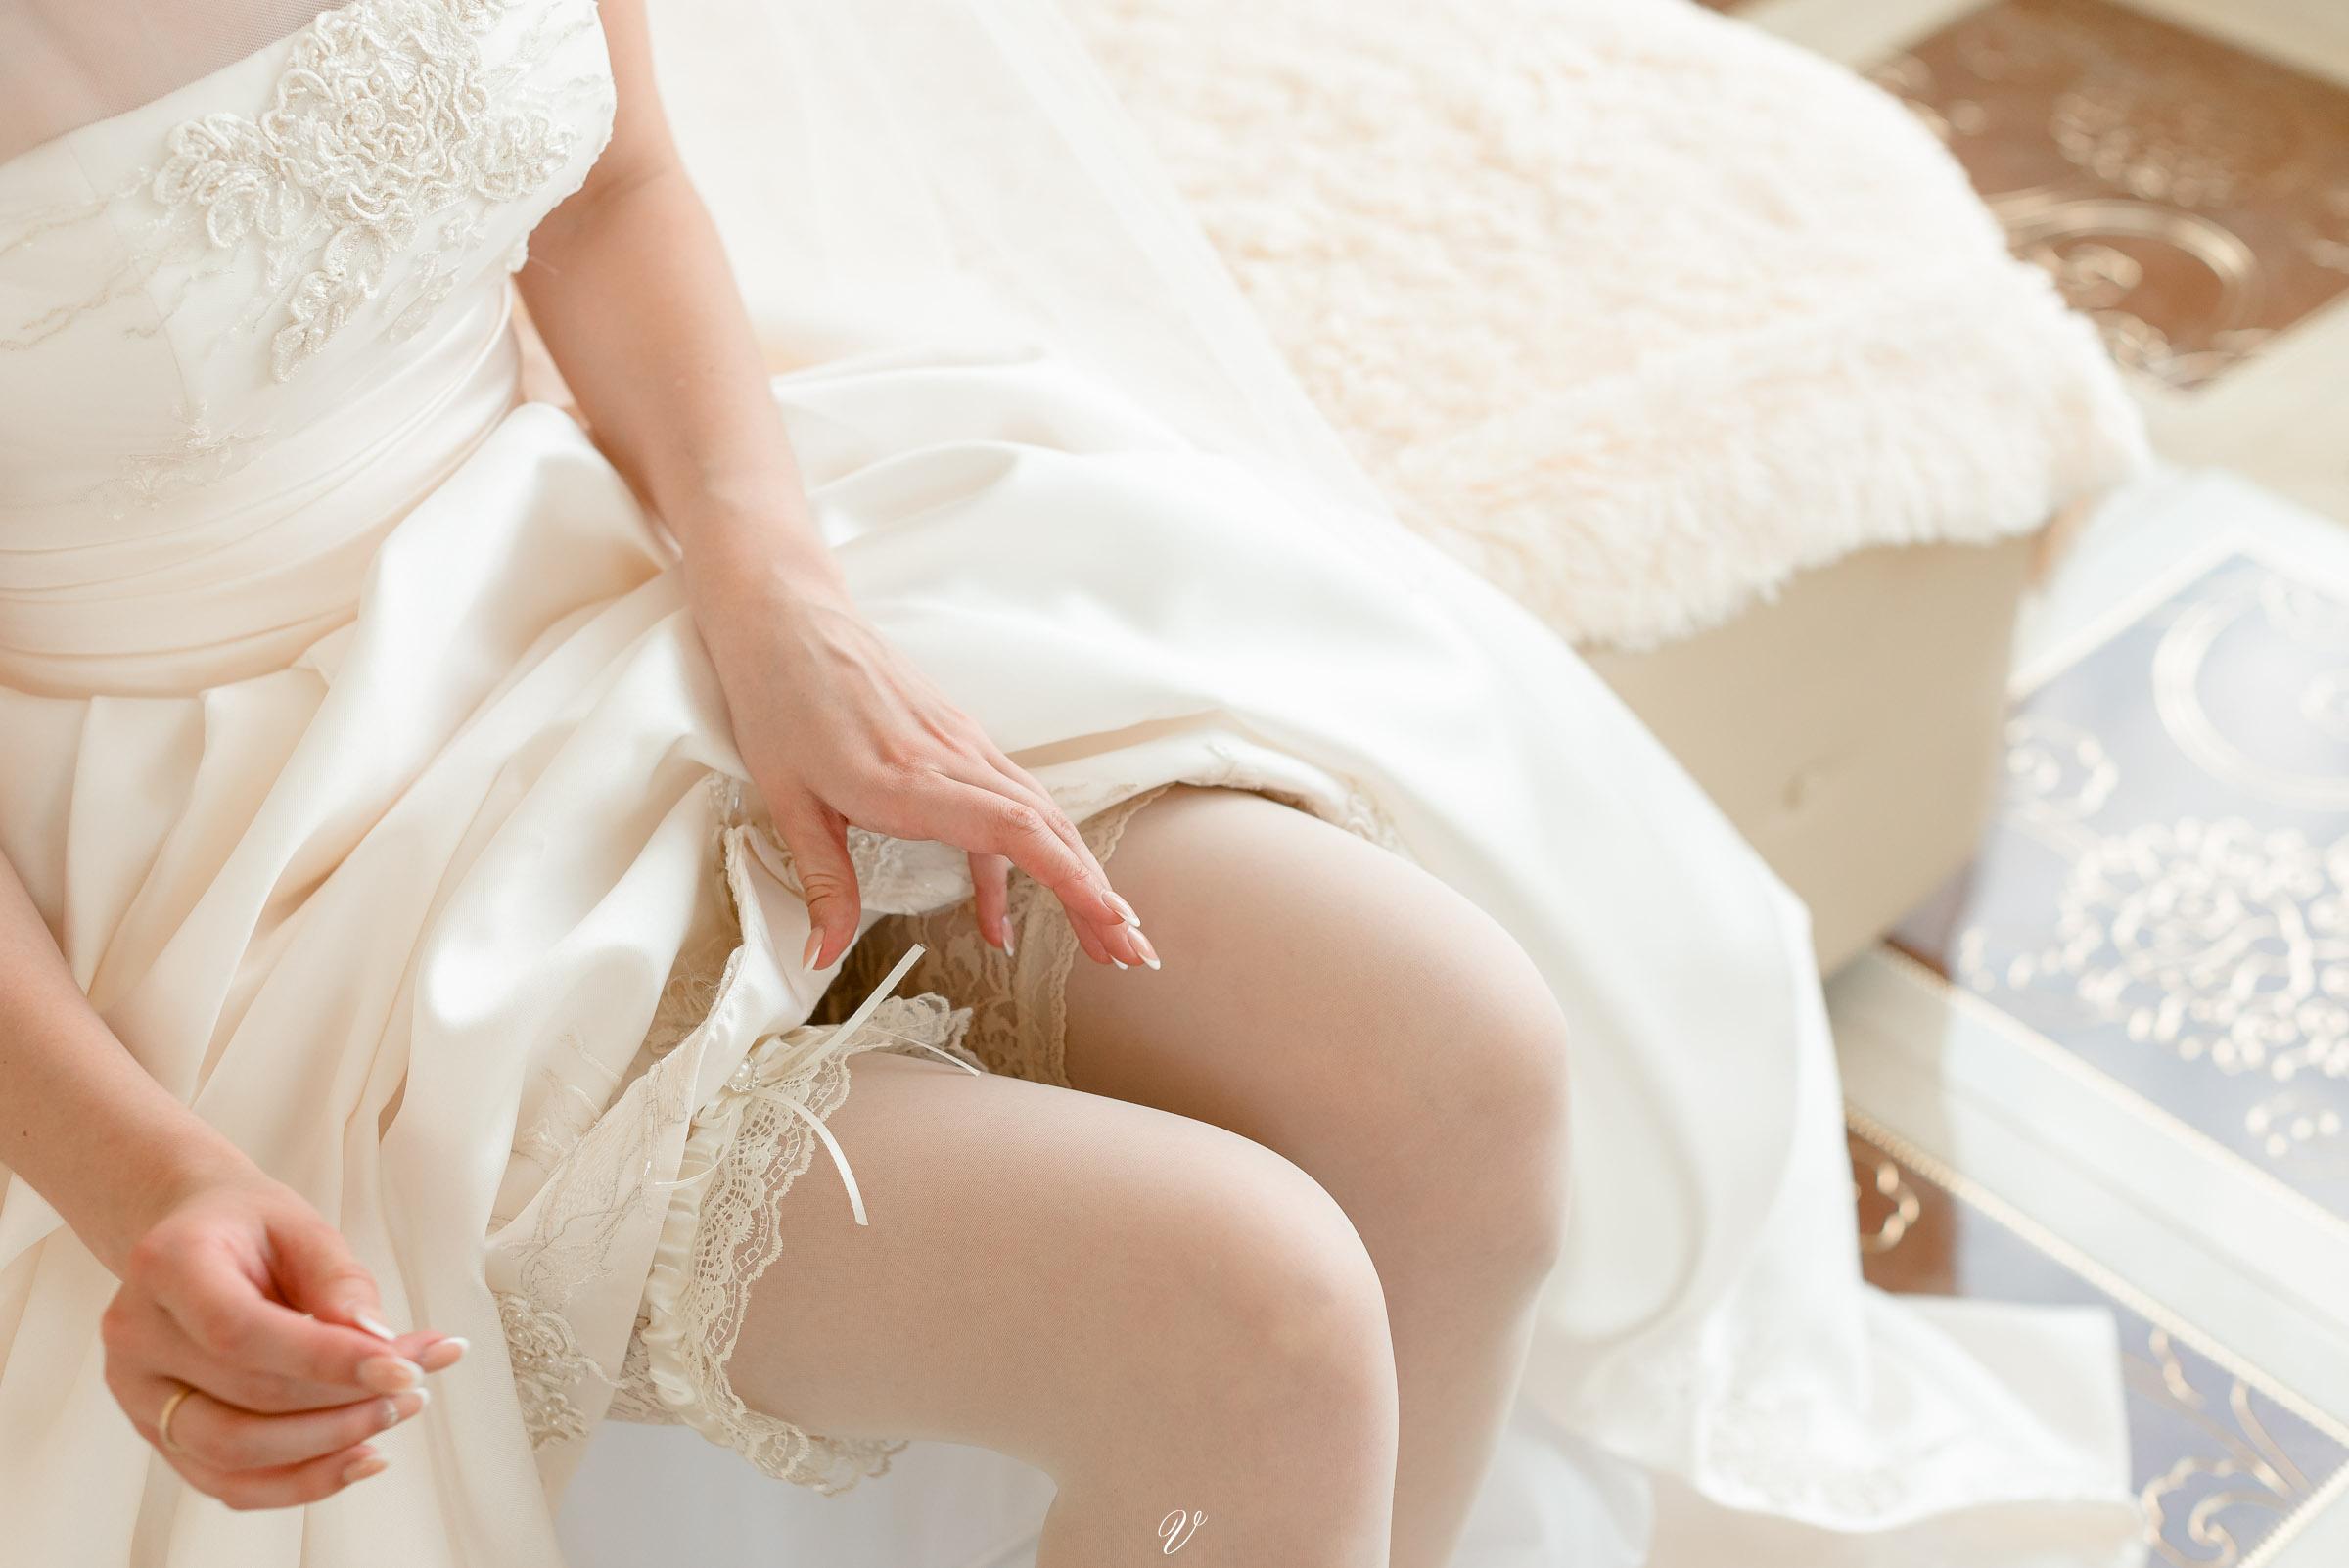 Детали образа невесты